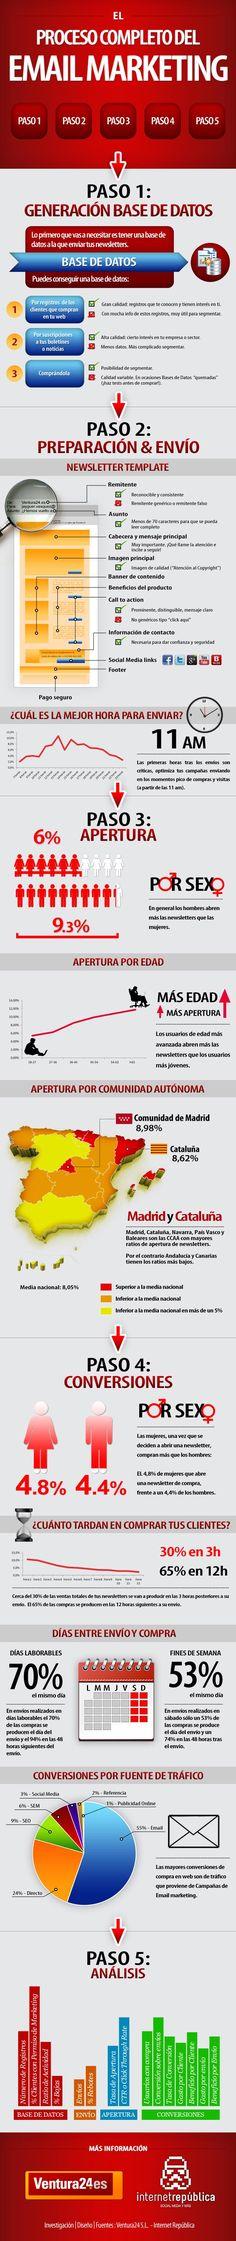 El proceso completo del email marketing #infografia en español